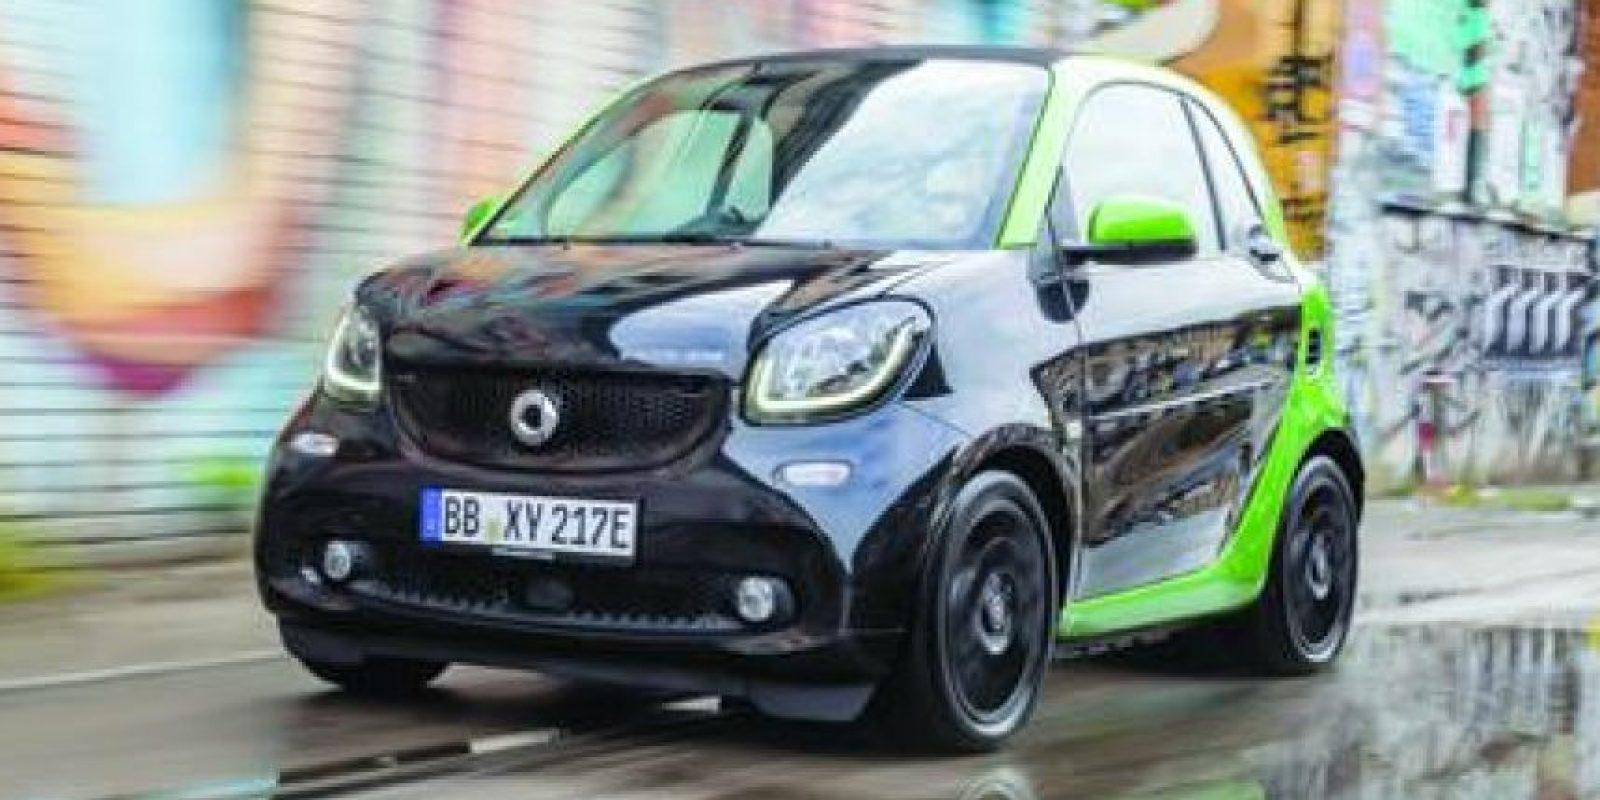 Smart ForTwo Eléctrico. El nuevo Smart ForTwo eléctrico será coupé y convertible, además de que vendrá un ForFour EV por primera ocasión en la historia. La mejora sustancial reside en el tiempo de carga de la batería, con una corriente de 240 voltios la pila completará su ciclo en dos horas y media, liberando todo el poder: 80 hp y 118 libras pie de torque, para firmar un 0-60 millas en 11.4 segundos para la versión coupé, la autonomía llega a 159.29. Hay fuentes que aseguran un precio de 26 mil dólares en Estados Unidos. Foto:Metro